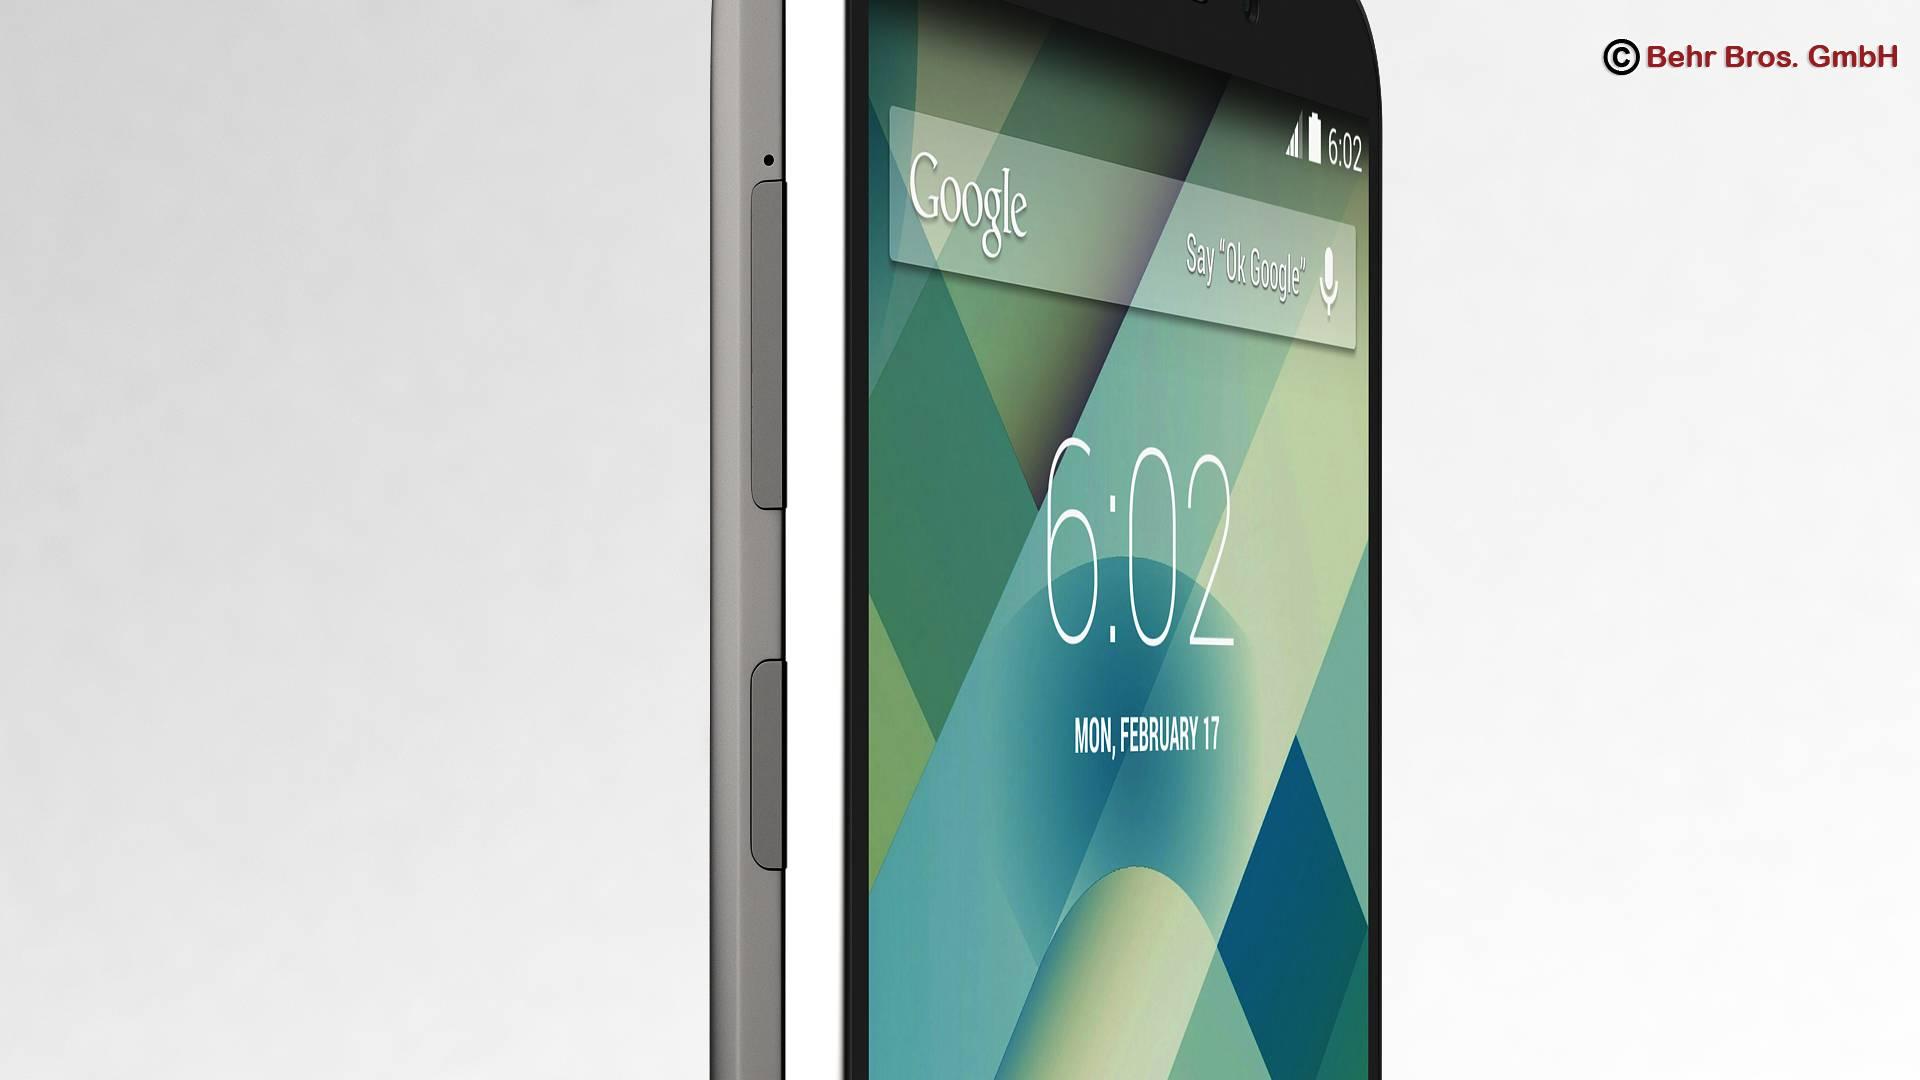 Generic Smartphone 5.2 Inch 3d model 3ds max fbx c4d lwo lws lw ma mb obj 161651